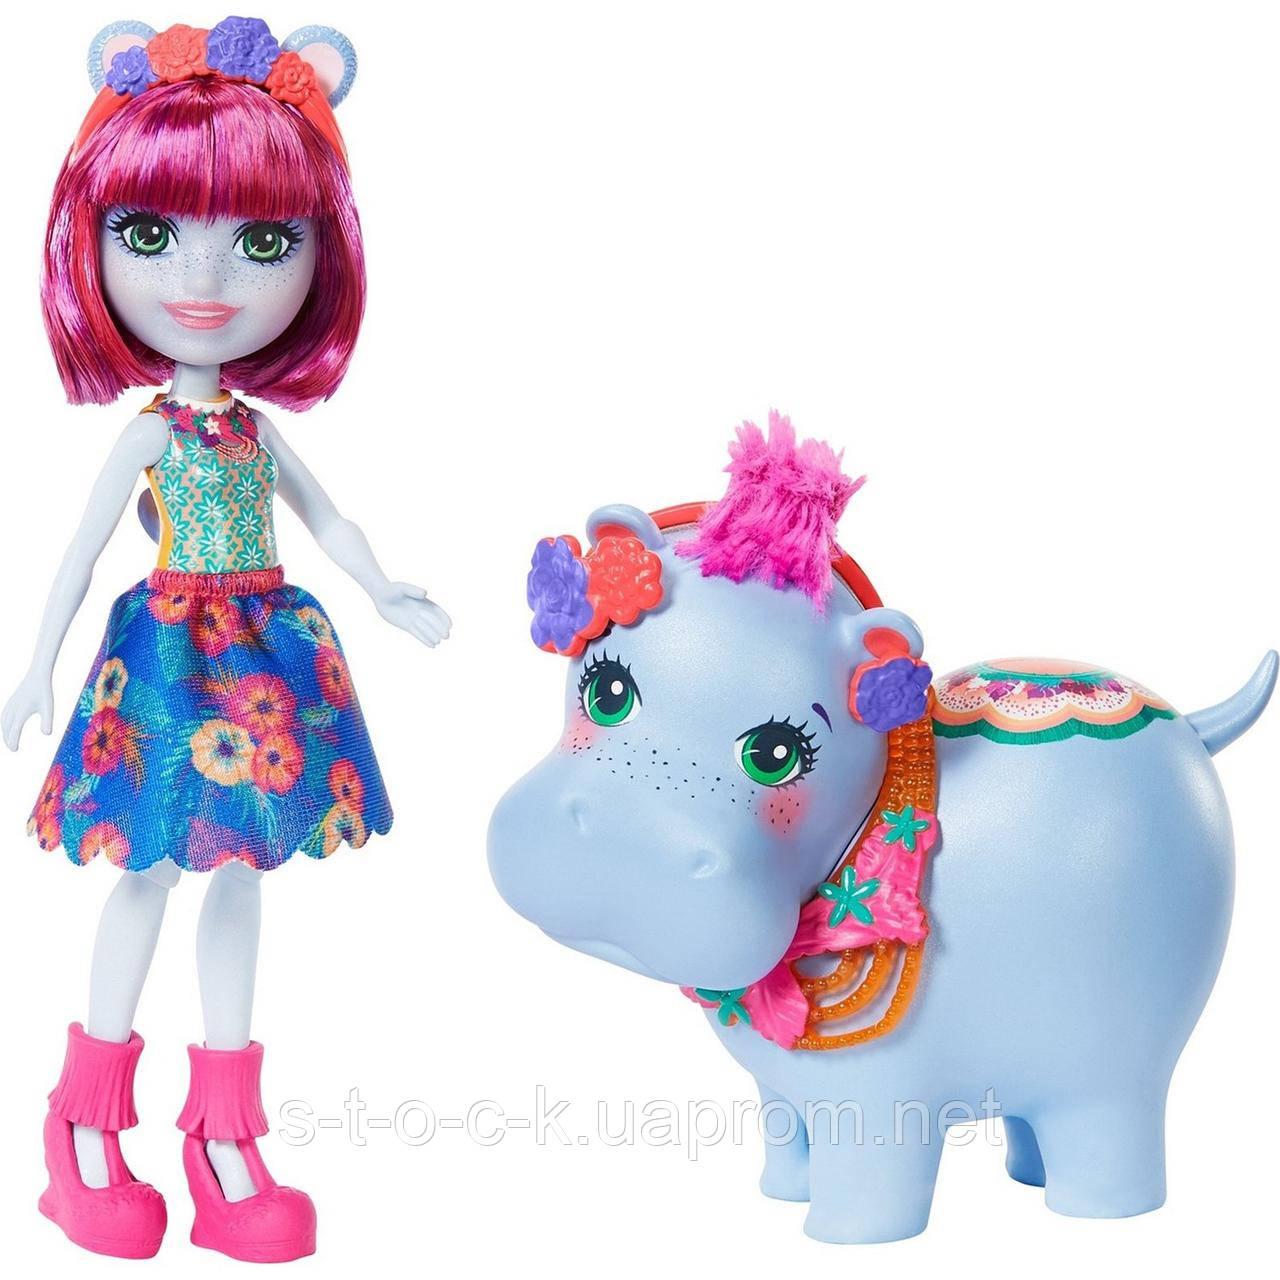 Набор Enchantimals с большими зверюшками Гедда Гиппо и Лейк GFN56.Mattel